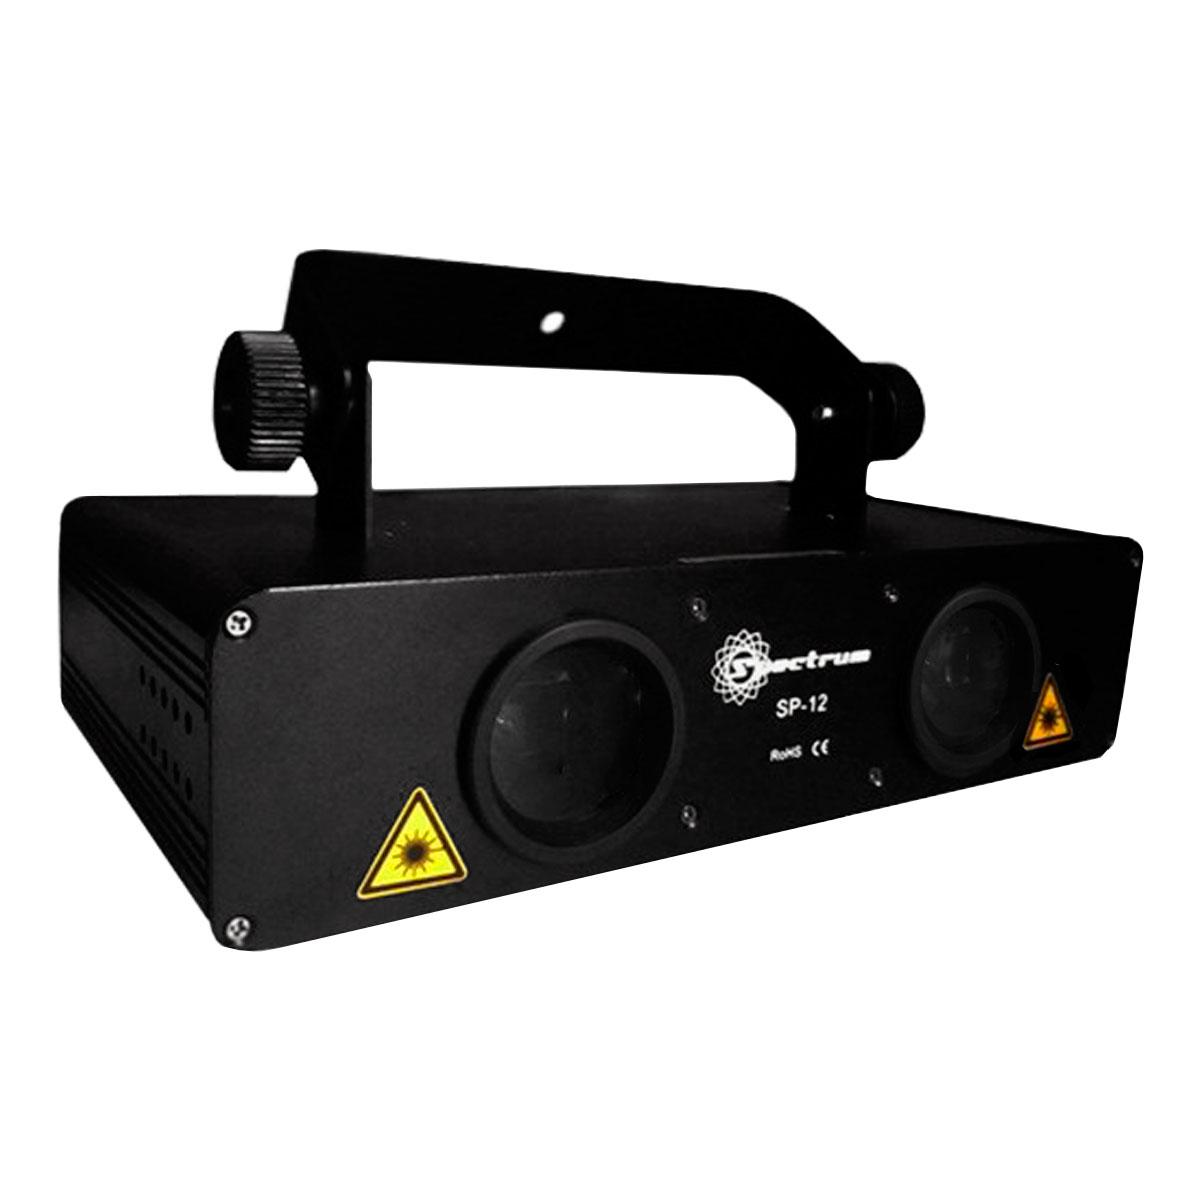 SP12 - Canh�o de Laser Azul / Verde 2 Bocas SP 12 - Spectrum